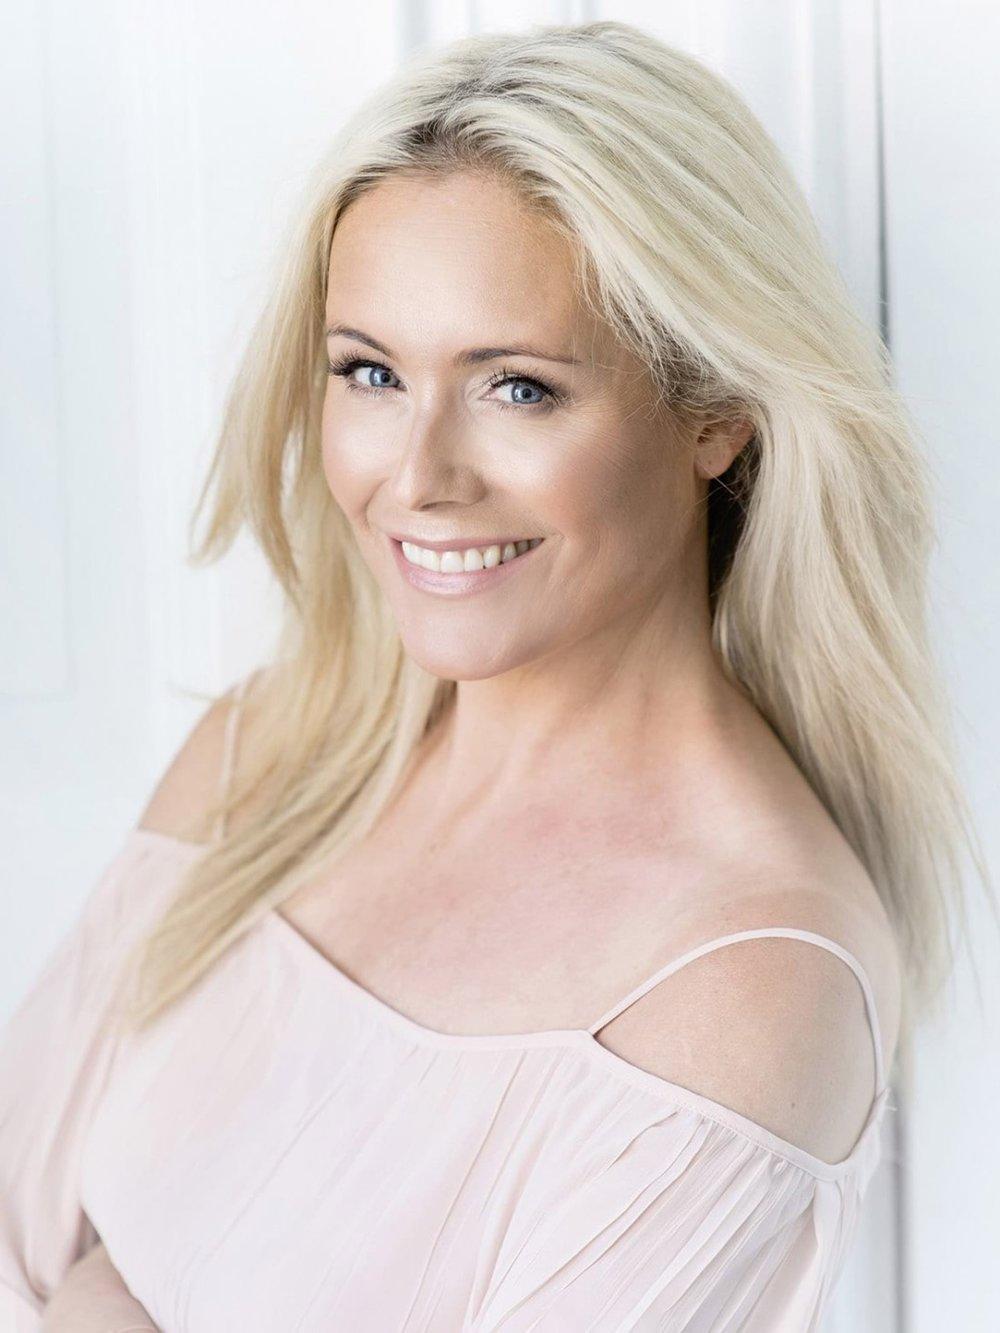 Supermood Founder, Anne Kukkohovi